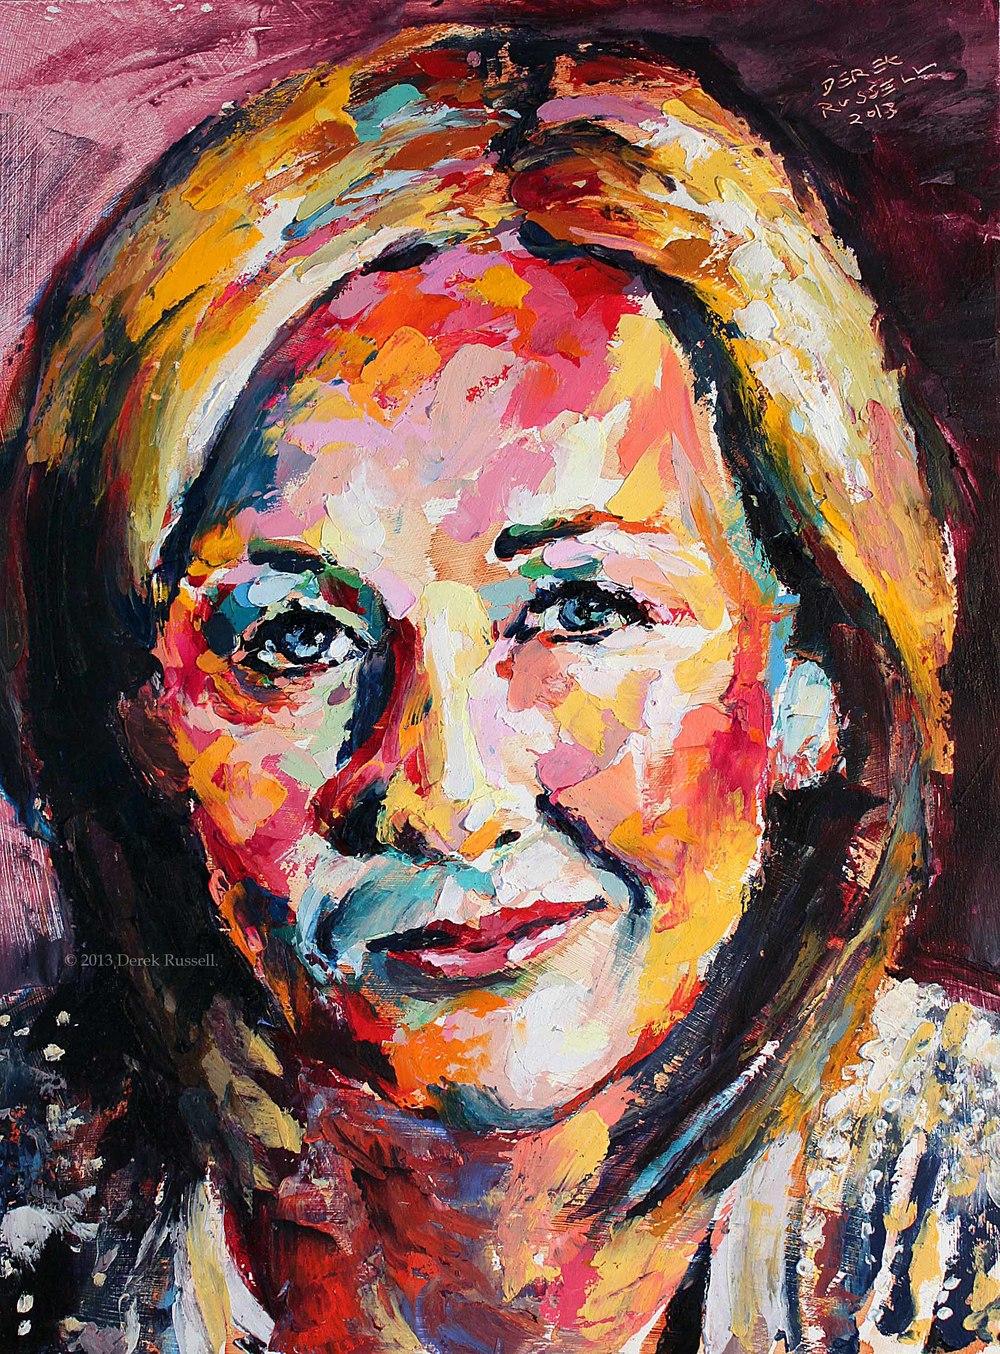 J K Rowling Original Oil Painting Derek Russell